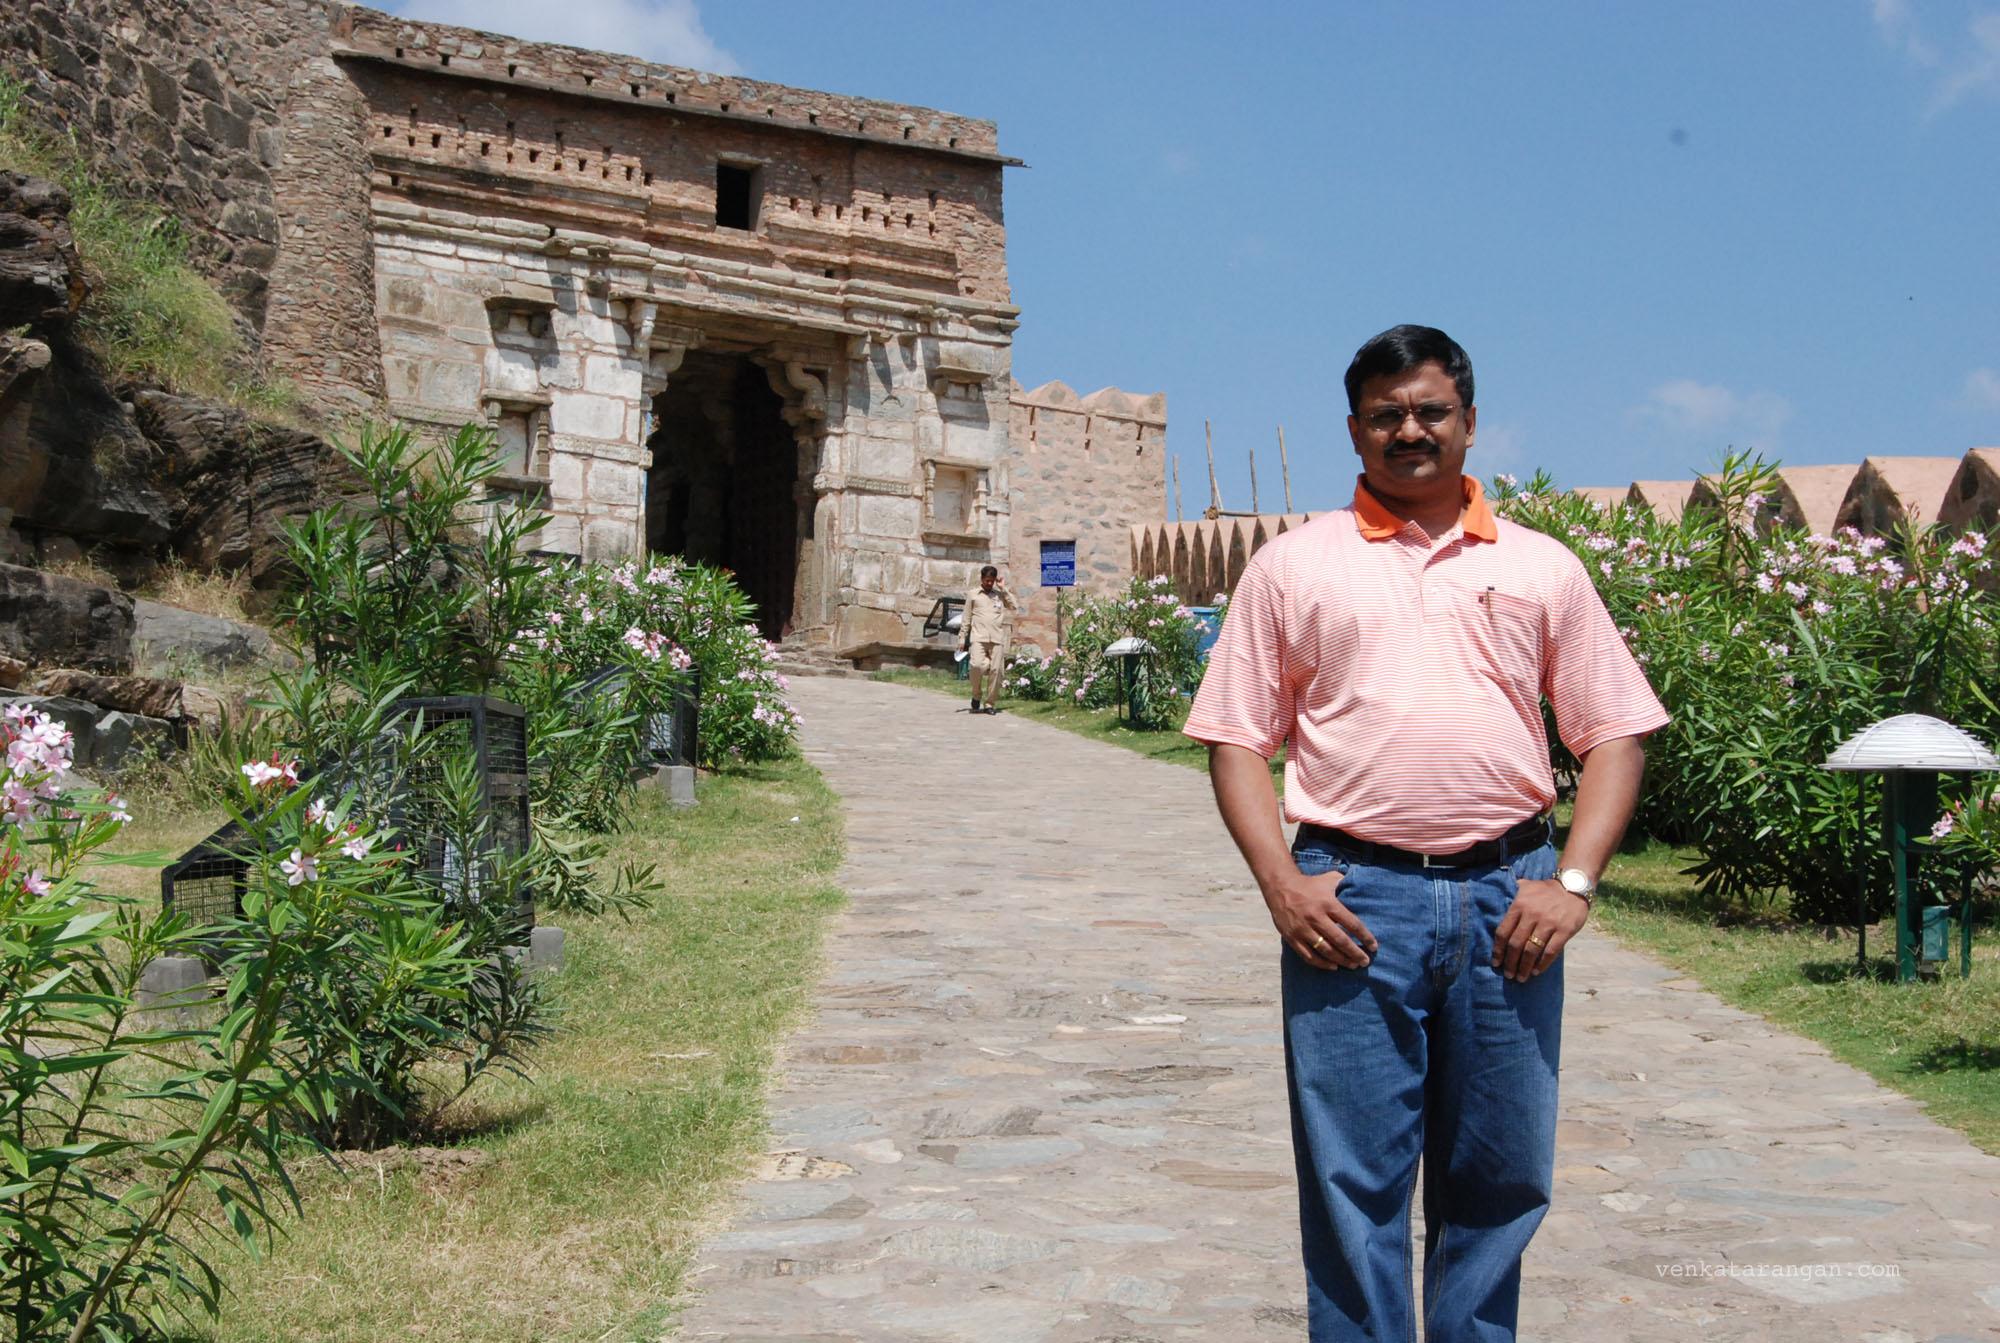 Venkatarangan in Kumbhalgarh Fort